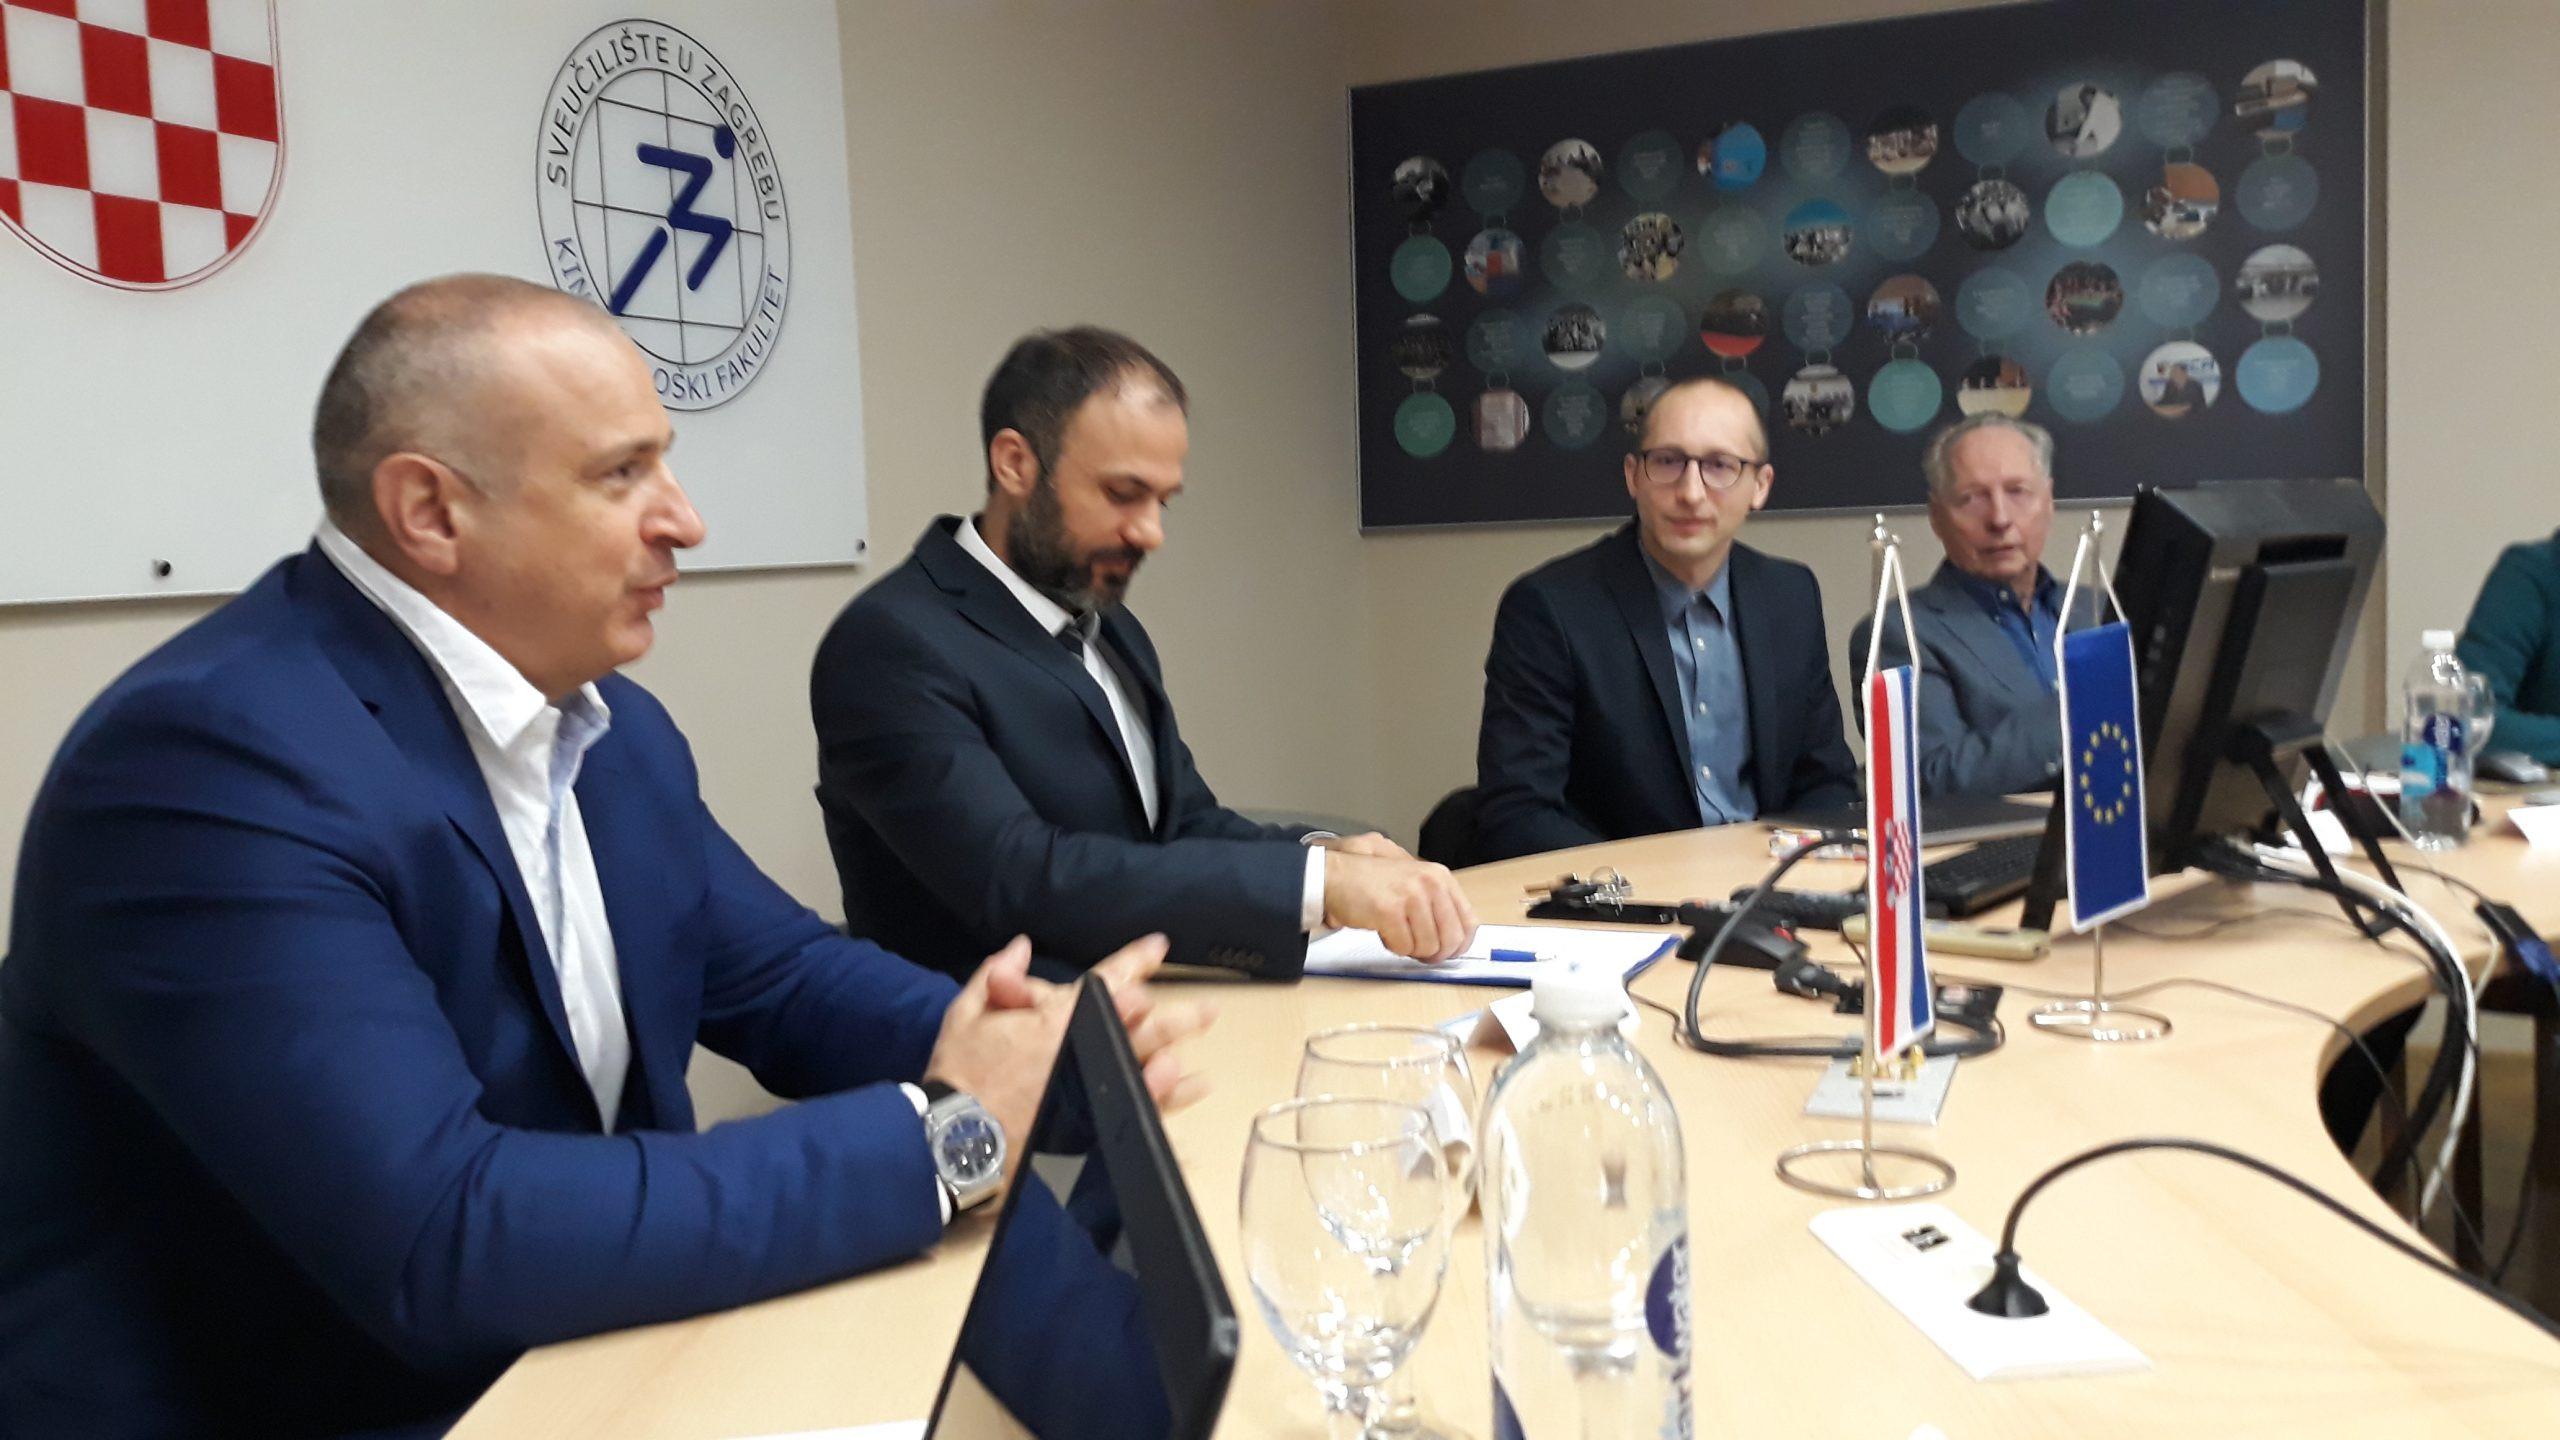 2nd from left prof. Danijel Jurakic, on his left prof. Zeljko Pedisic